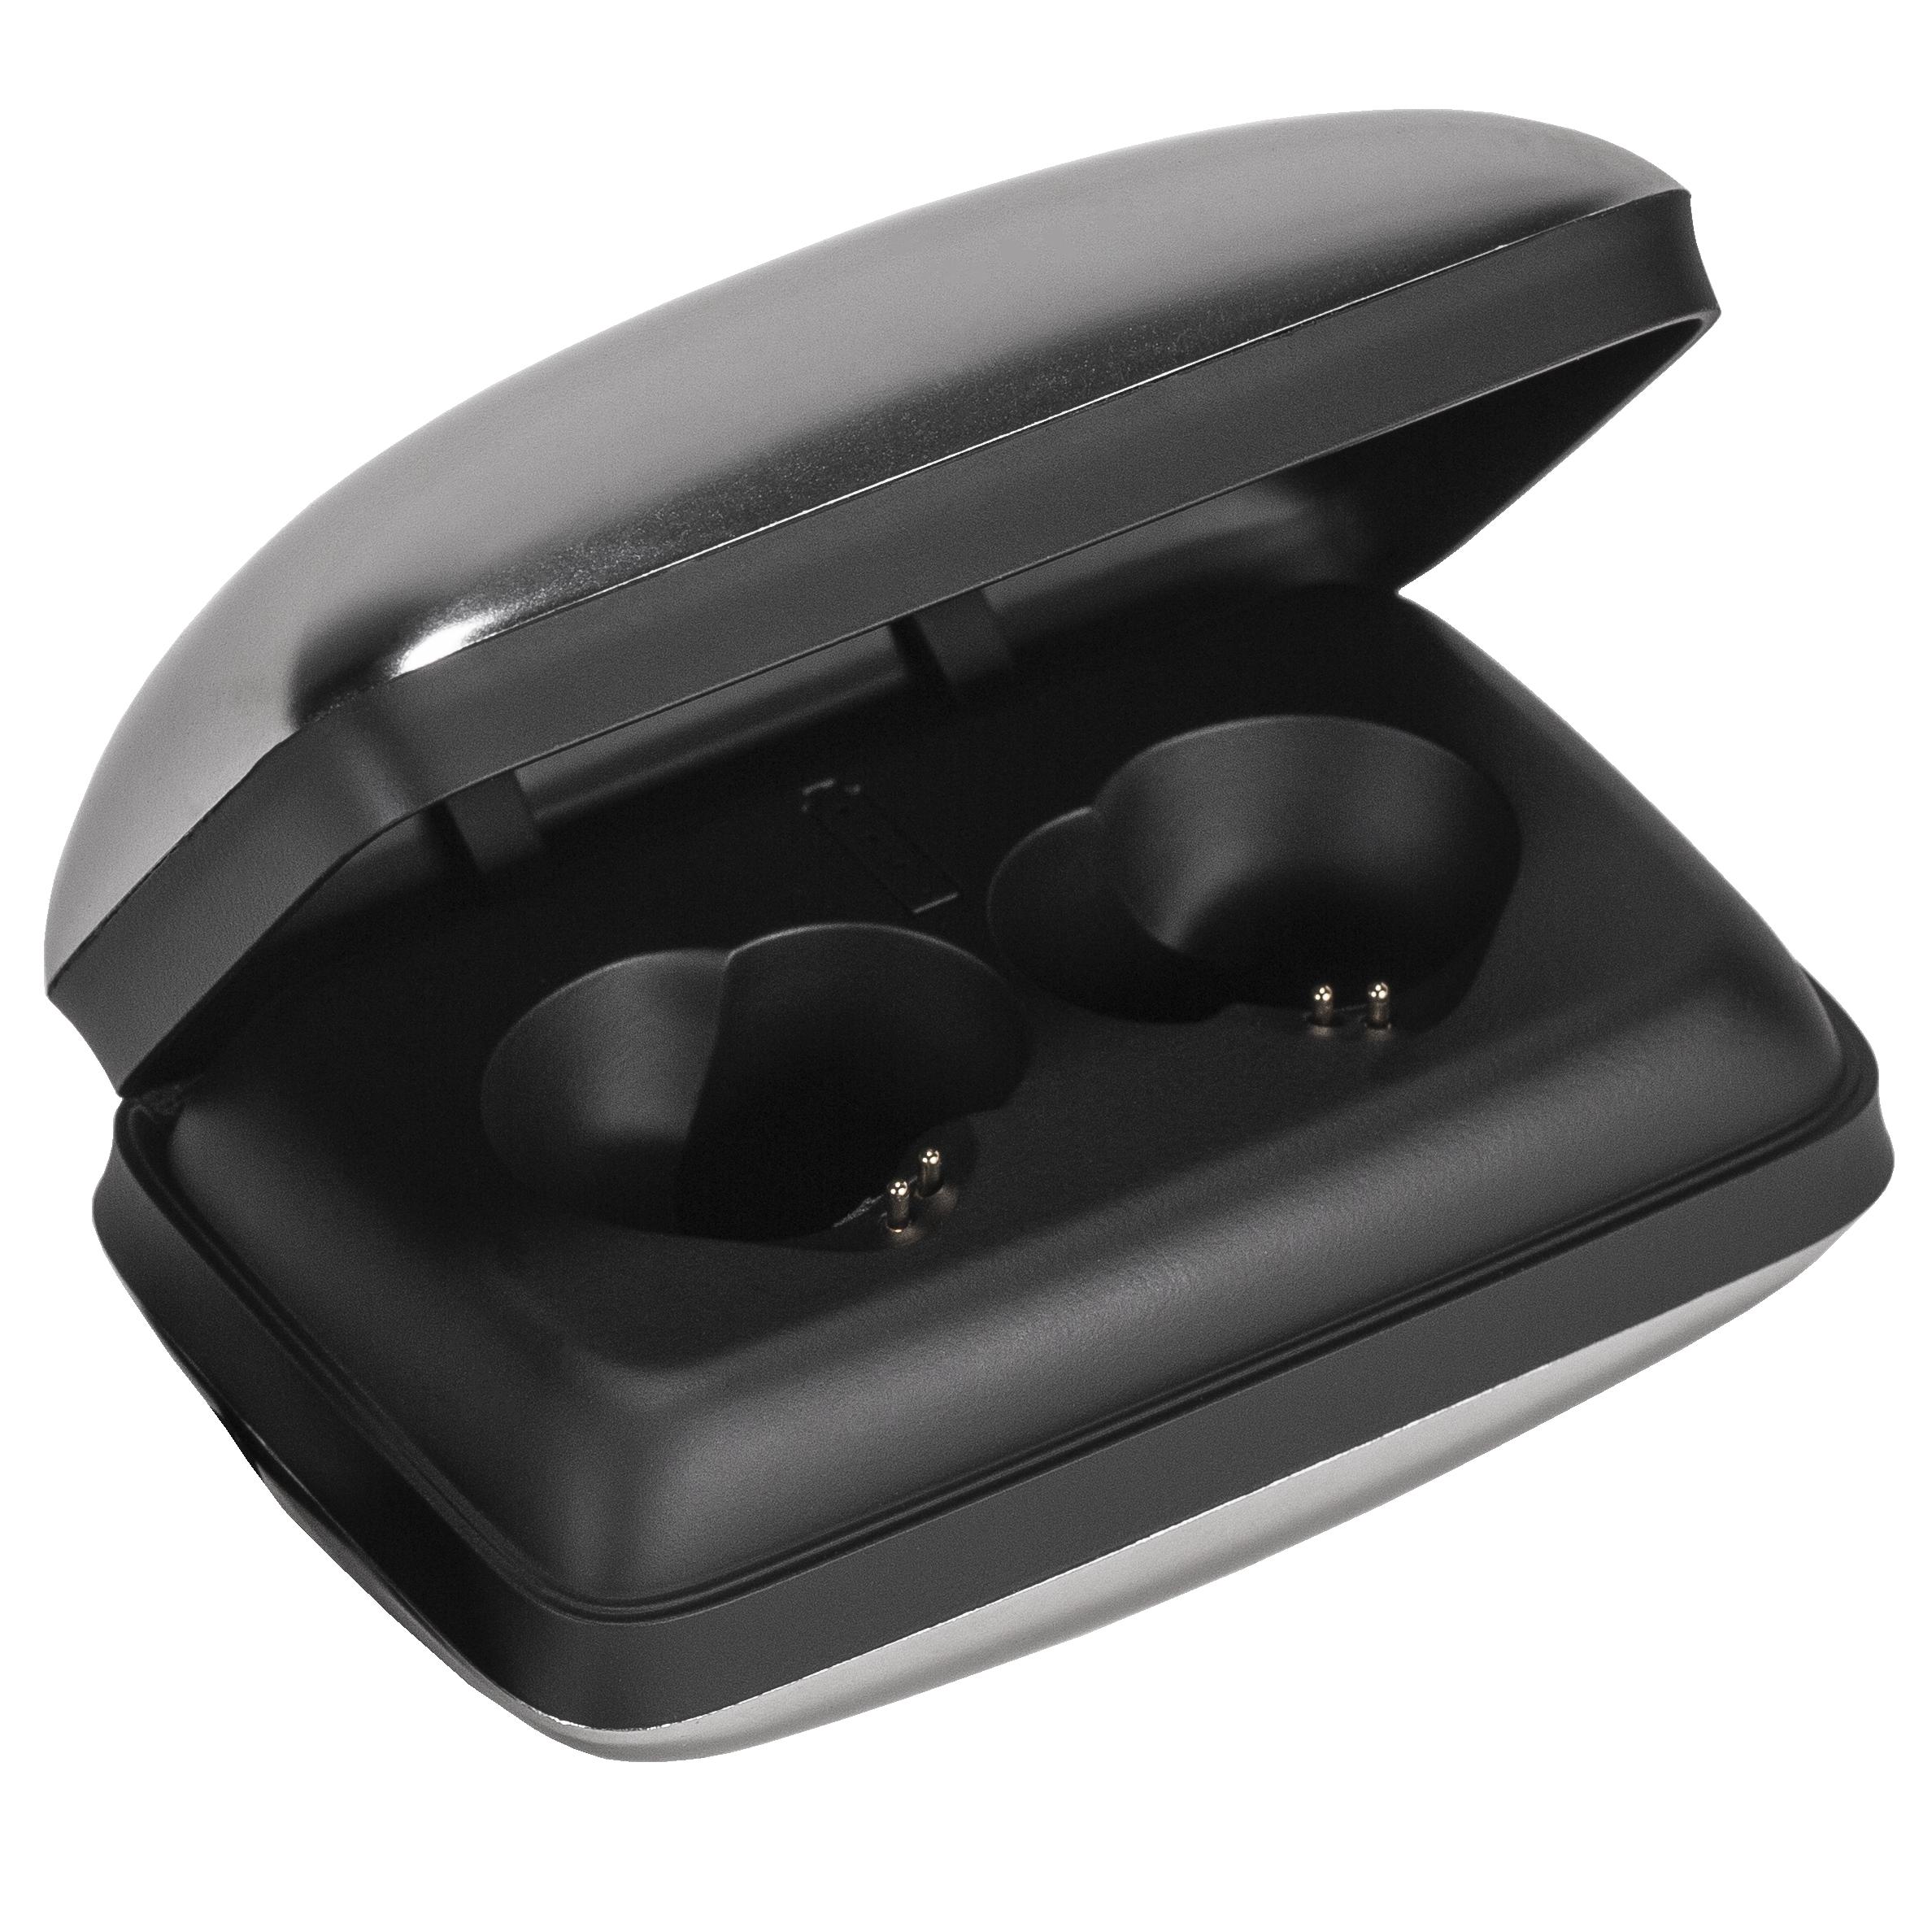 首款内置耳放TWS800耳机上市,售价3299元